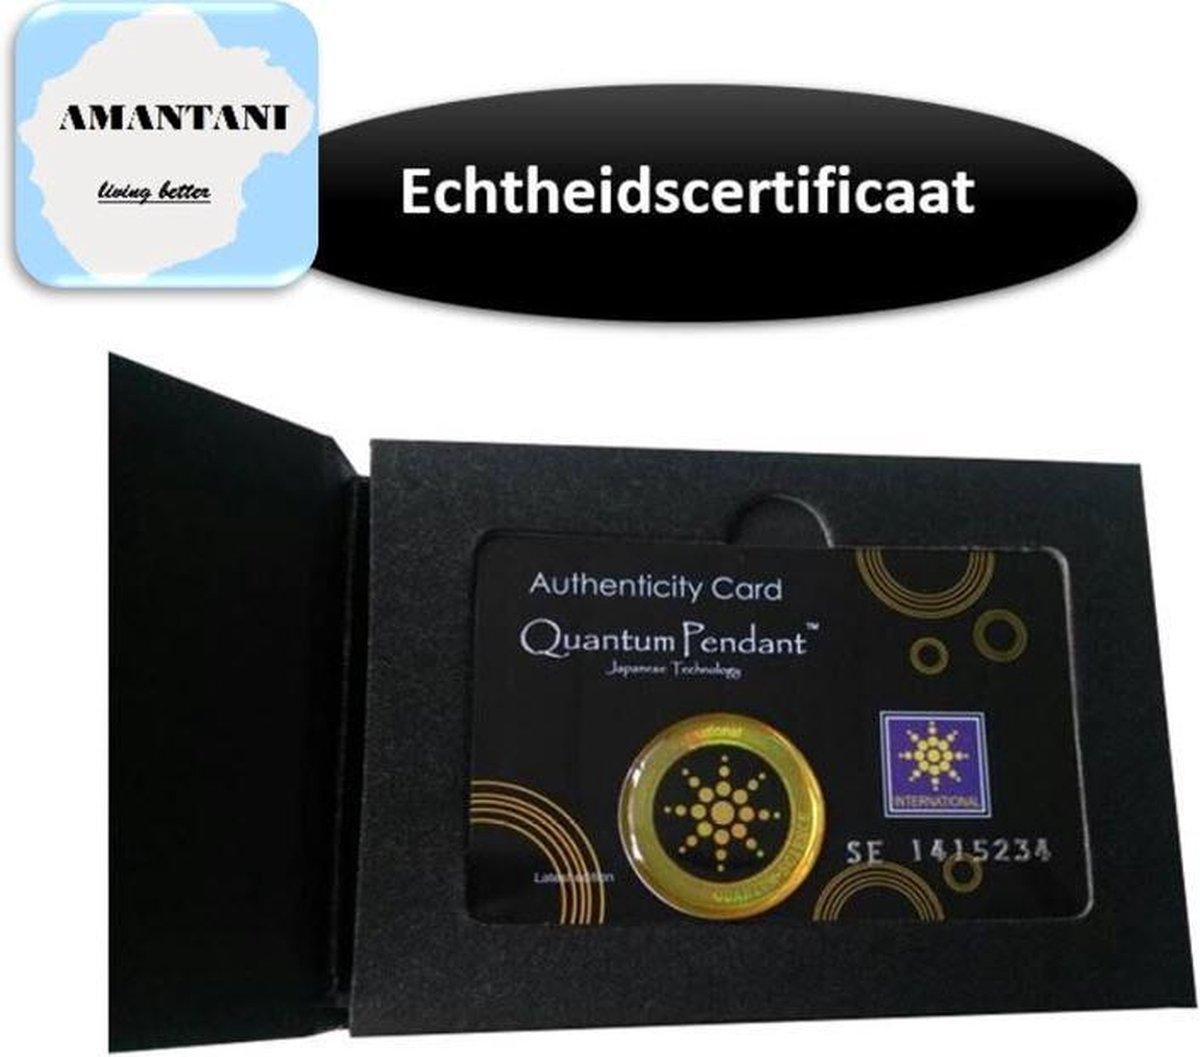 anti straling sticker - anti-straling sticker - anti straling sticker mobiele telefoon - anti radiation sticker - Inclusief Echtheidscertificaat - zilver